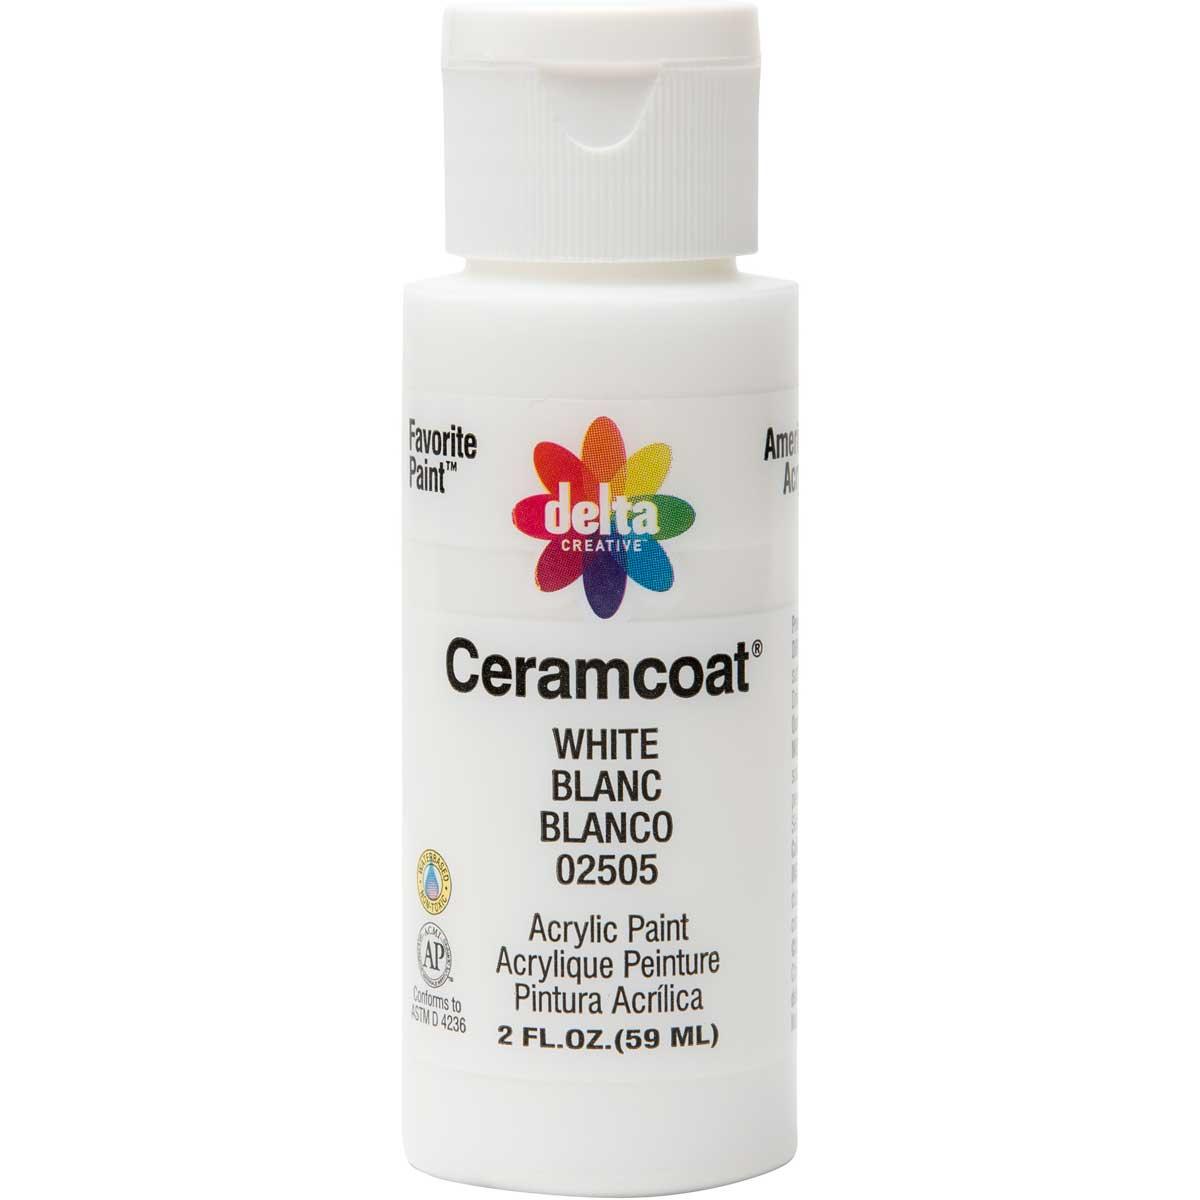 Delta Ceramcoat ® Acrylic Paint - White, 2 oz.